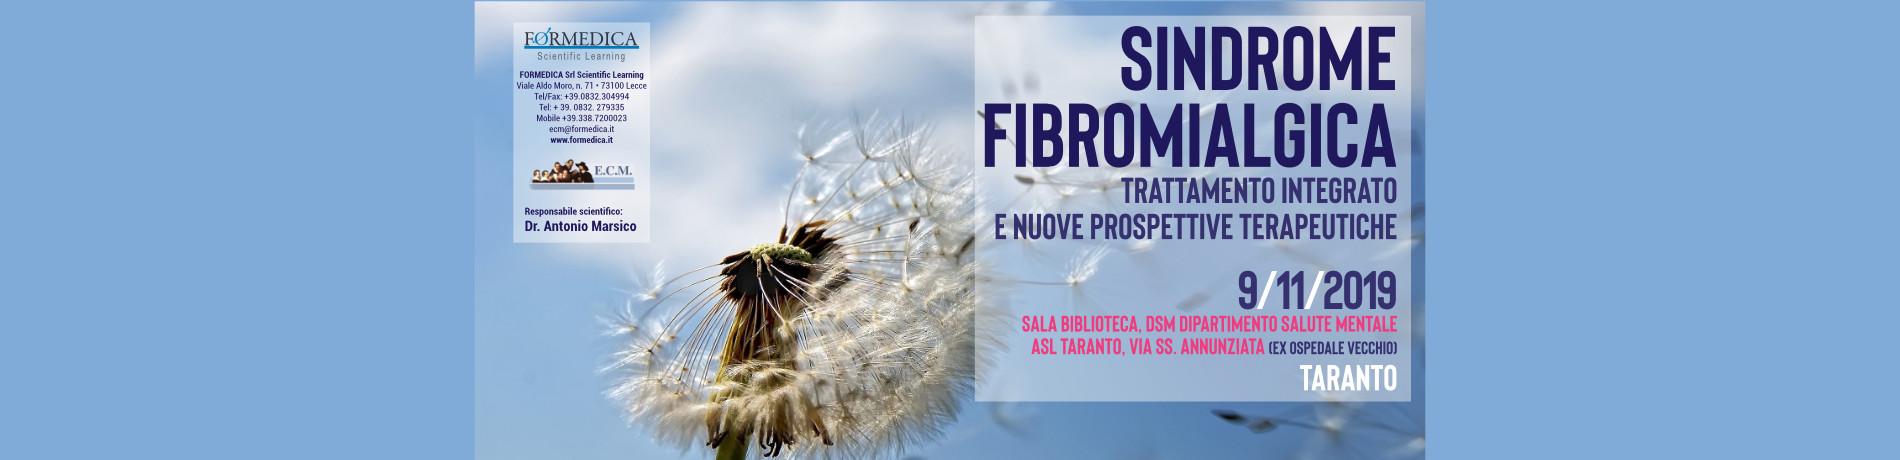 https://www.formedica.it/wp/wp-content/uploads/2019/10/2019_11_09_Sindrome-Fibromialgica-trattamento-integrato-e-nuove-prospettive-terapeutiche.jpg